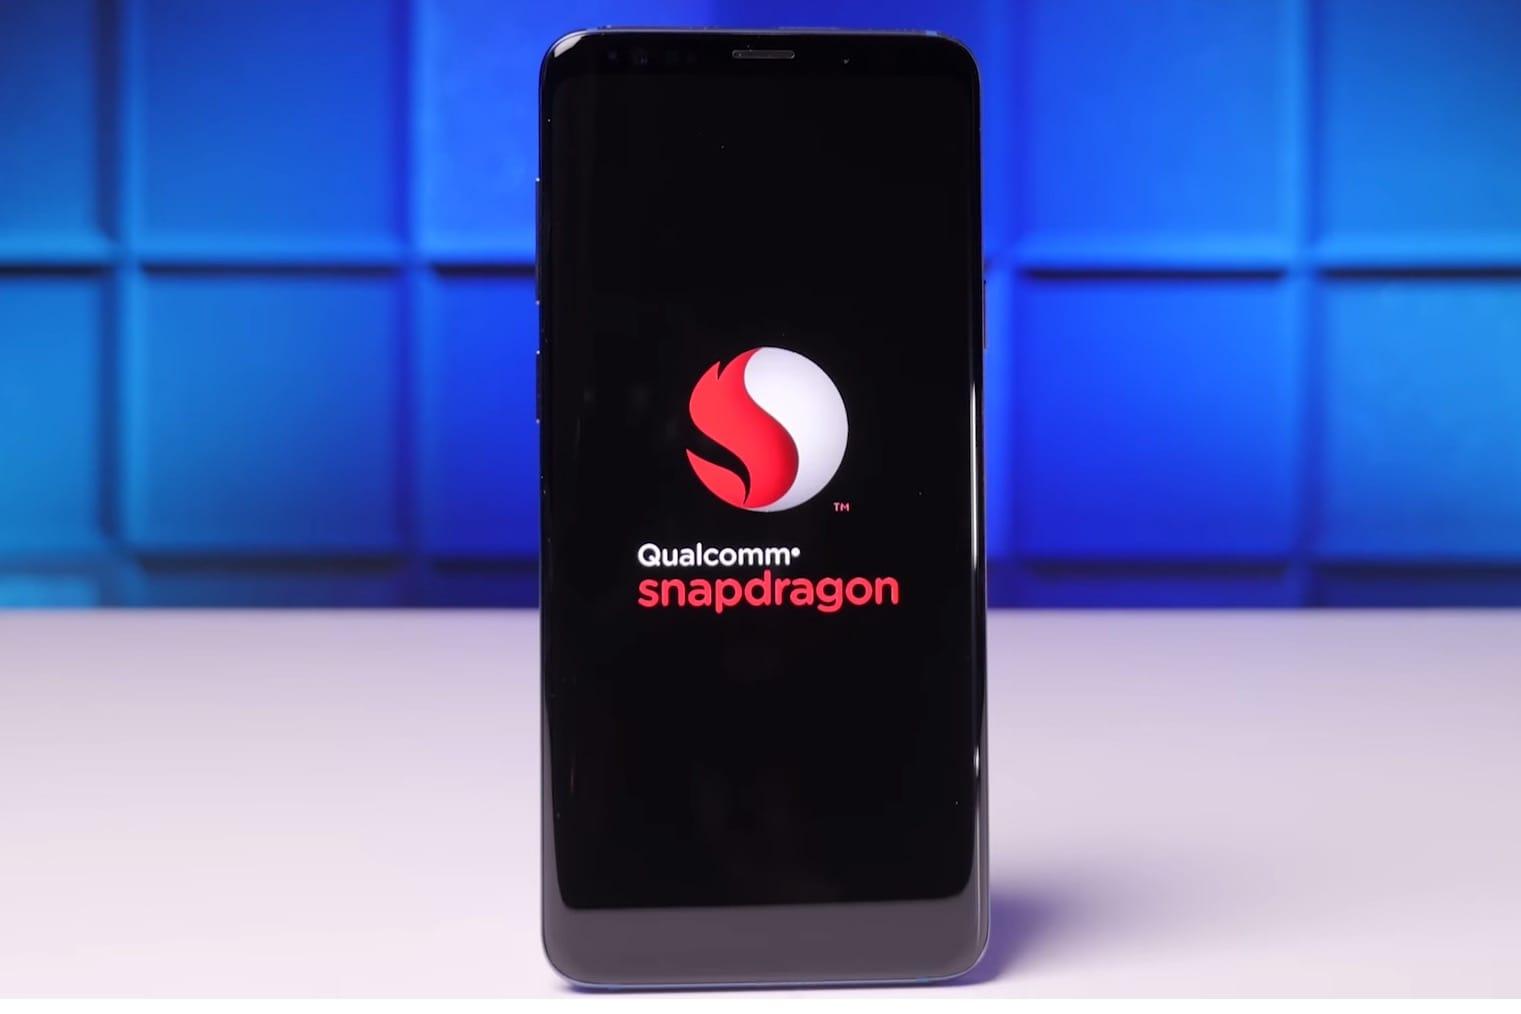 Цена на Самсунг Galaxy S9 иS9+ составит приблизительно менее 1 000 евро